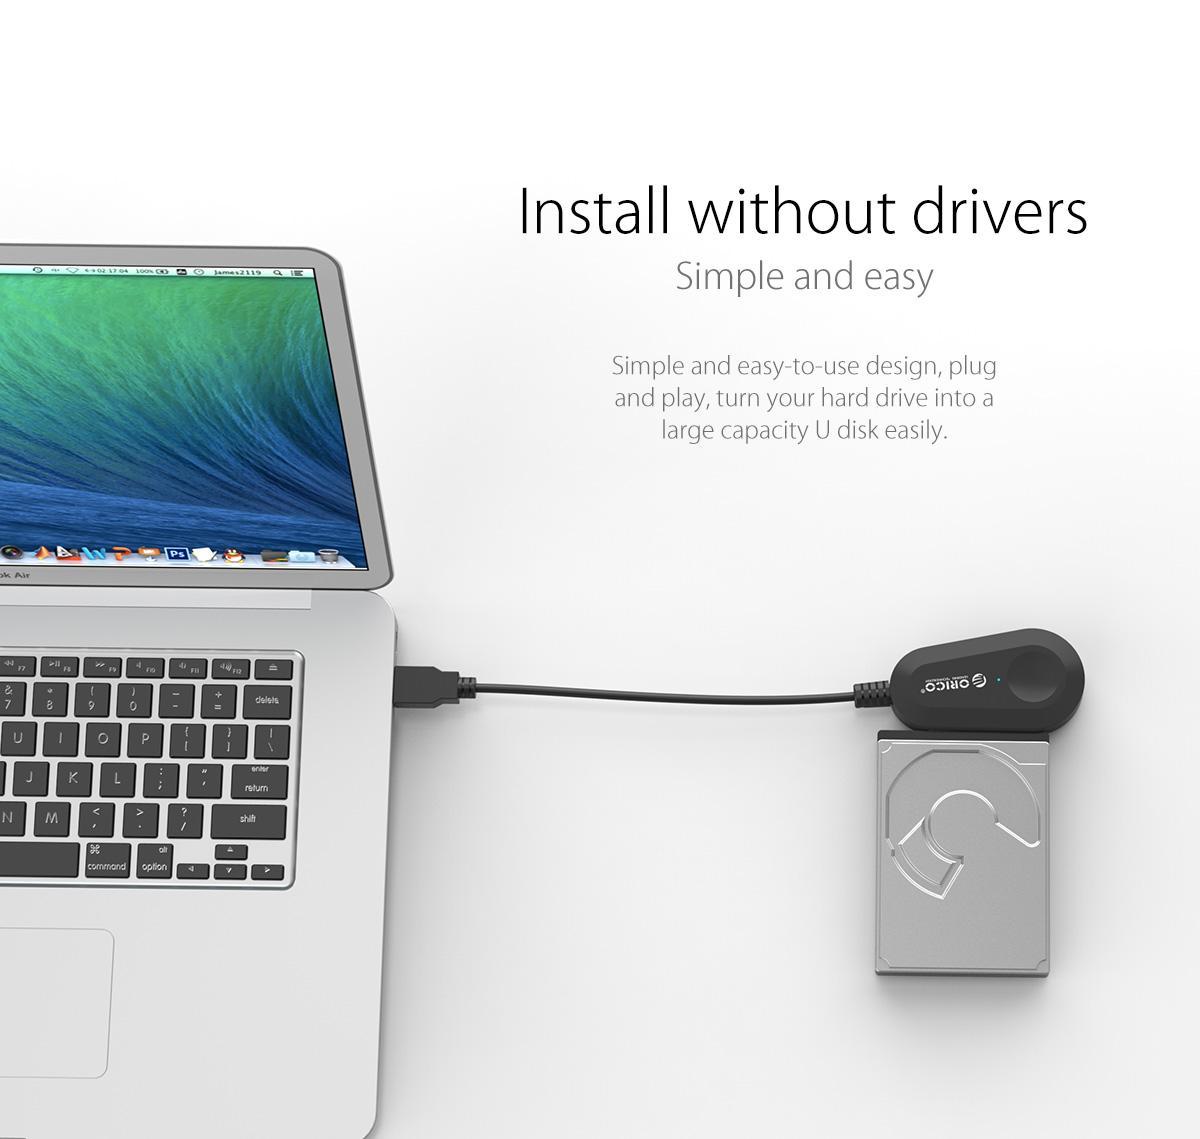 """Đầu đọc dữ liệu ổ cứng: 3.5"""" và 2.5"""" SATA 3 USB 3.0 ORICO - 35UTS"""